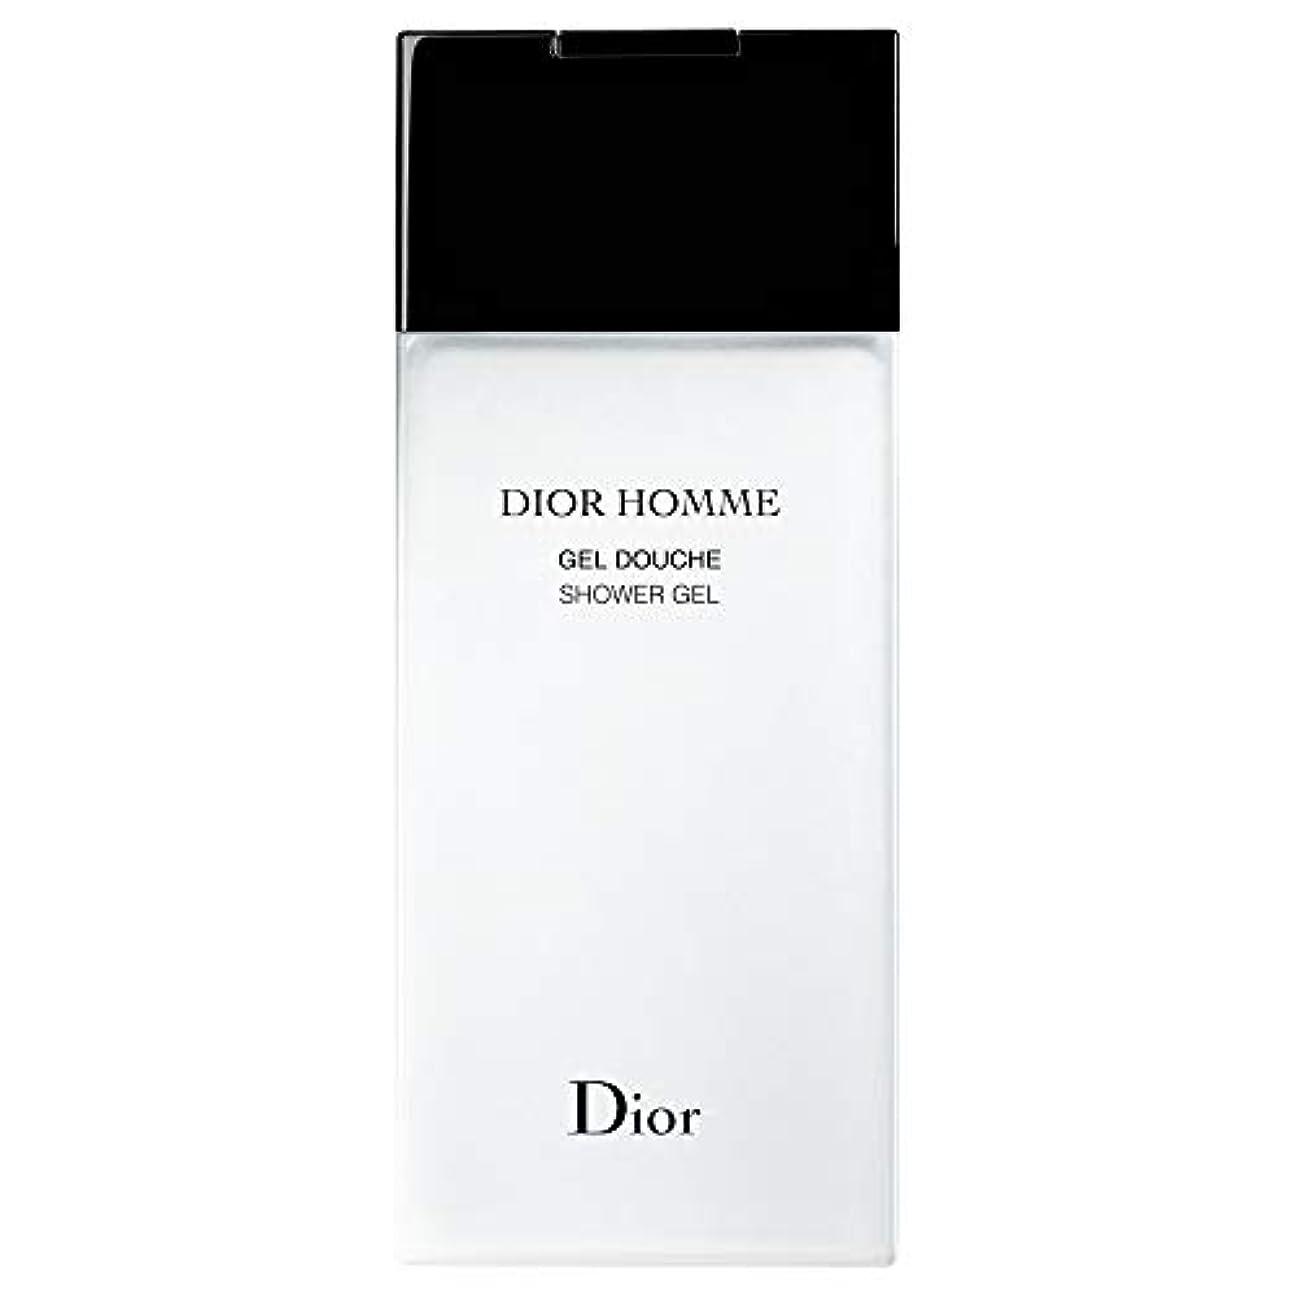 懐疑論機密歌[Dior] ディオールオムシャワージェル200Ml - Dior Homme Shower Gel 200ml [並行輸入品]